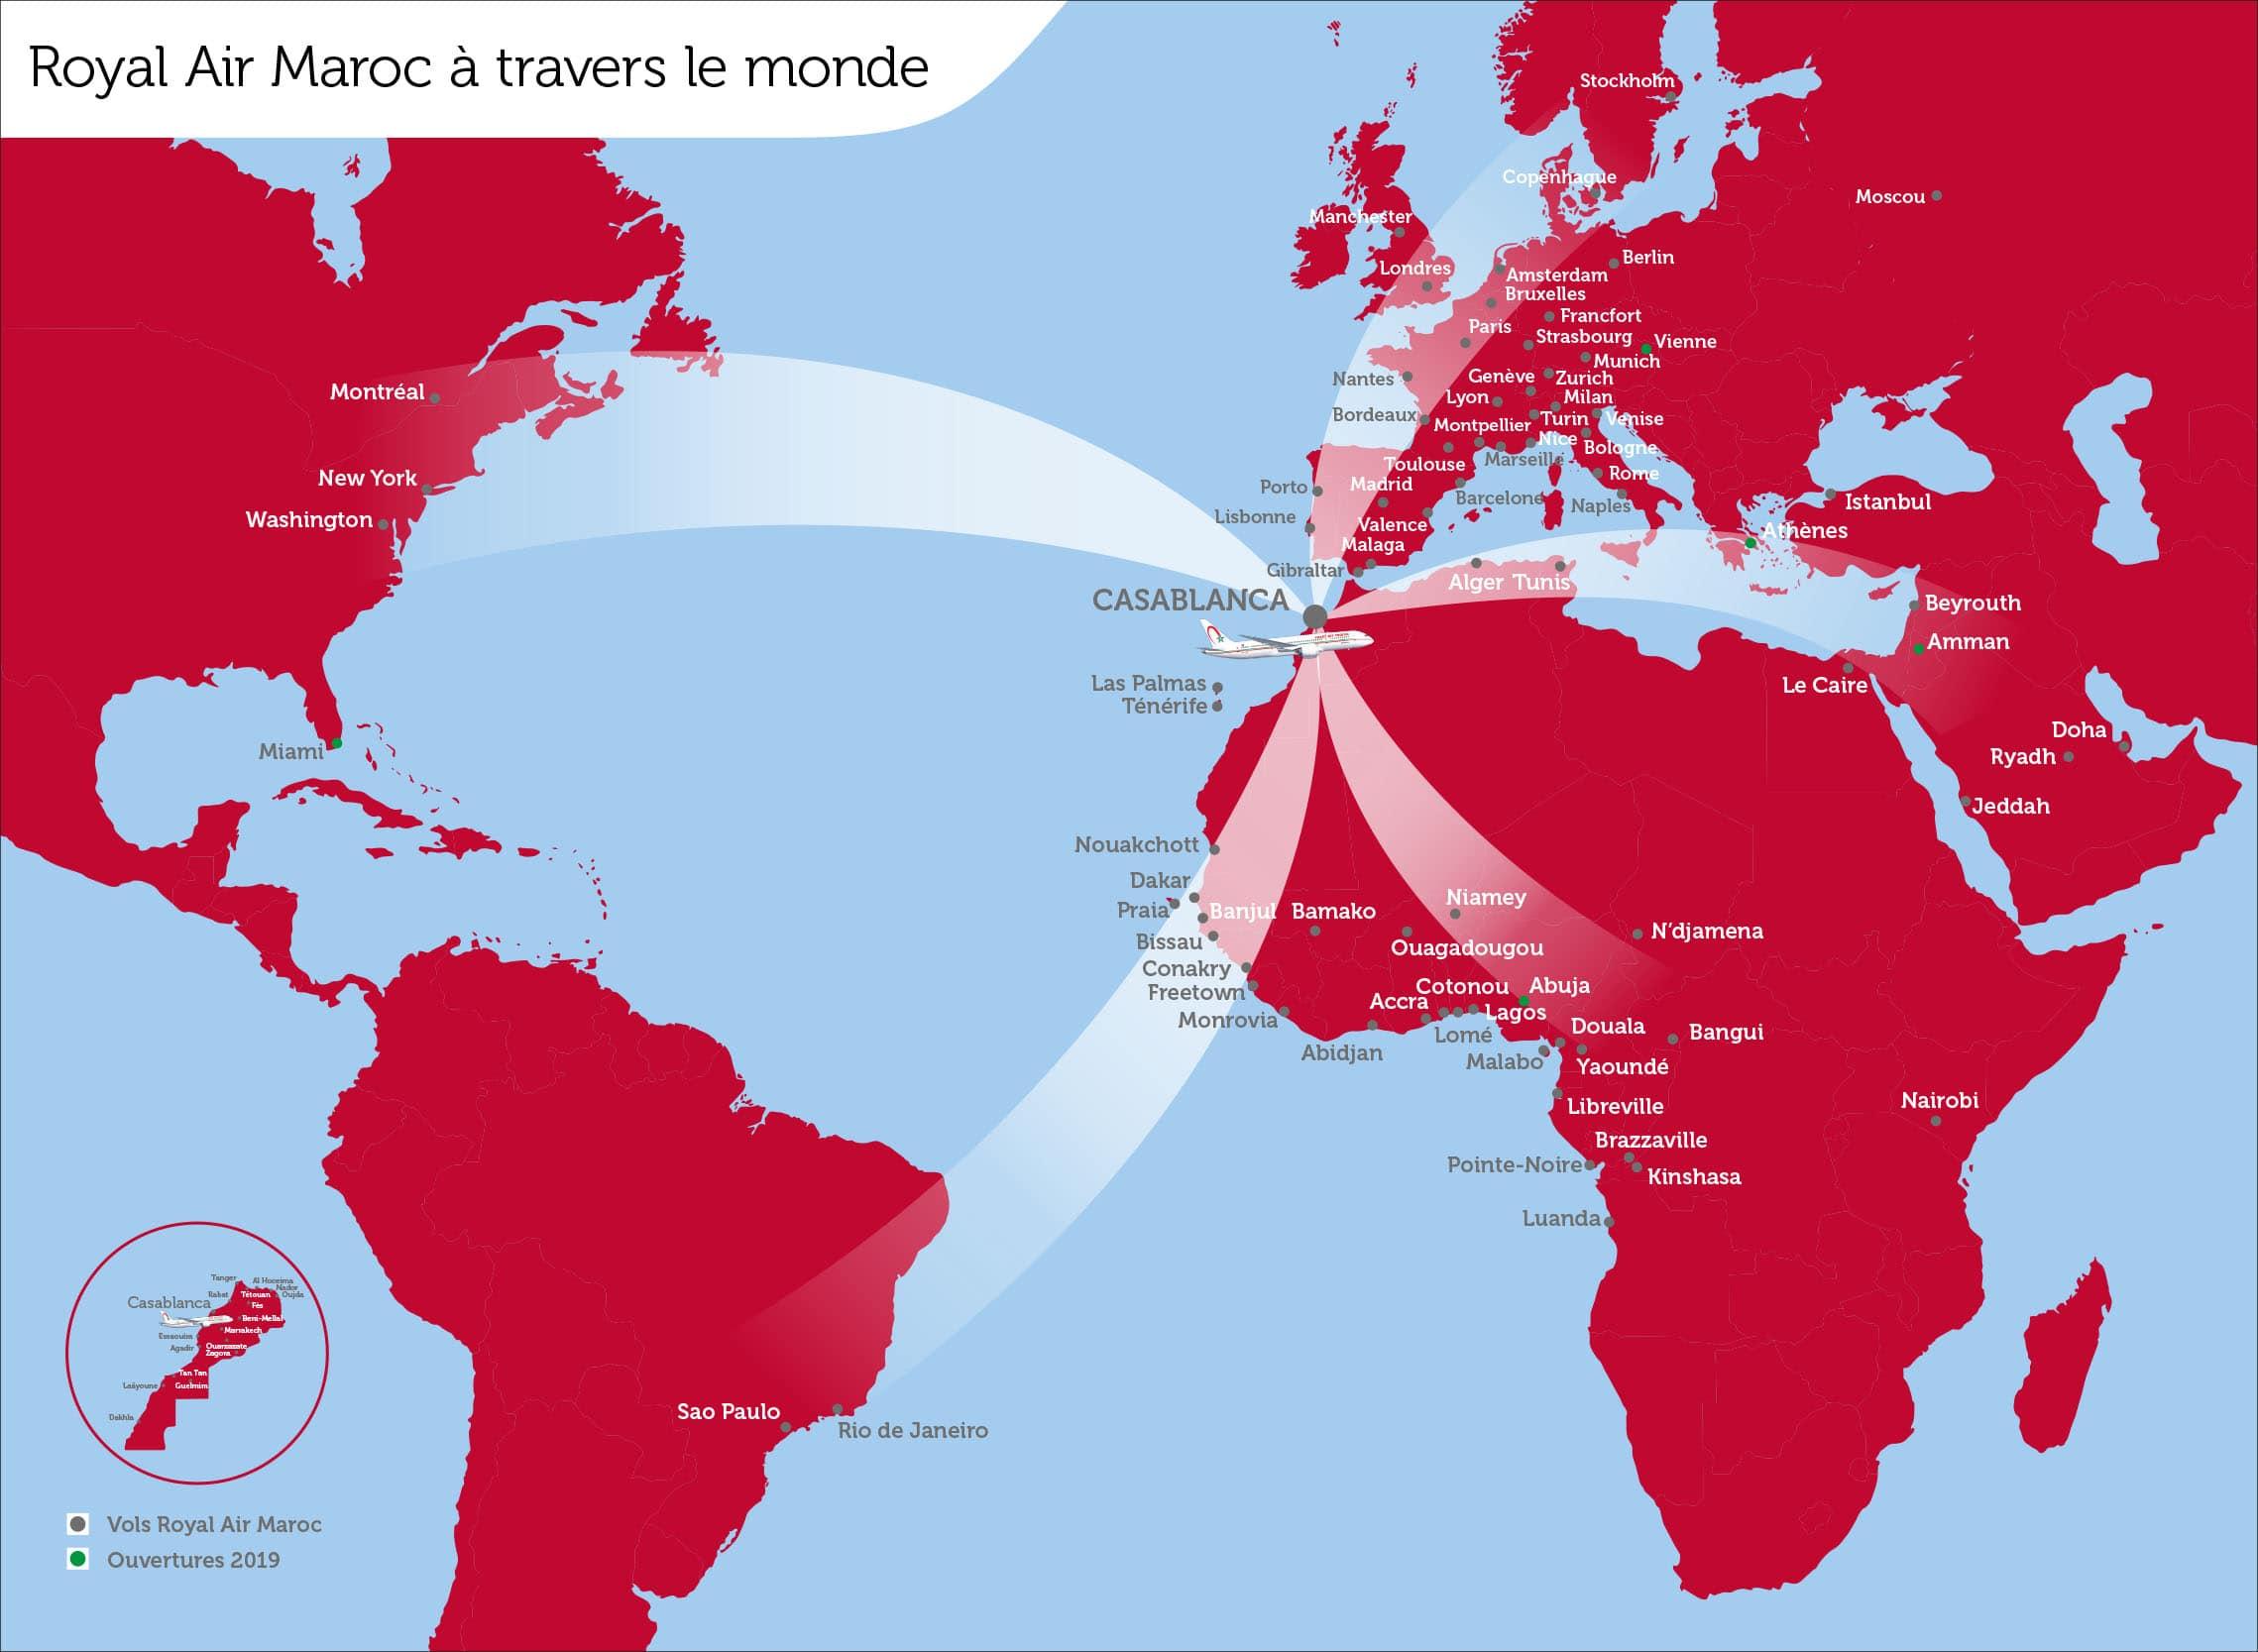 الخطوط الملكية المغربية لديها رحلات من الدار البيضاء إلى الوجهات التالية: مونتريال ، نيويورك ، واشنطن ، ميامي ، ساو باولو ، ريو دي جانيرو ، أوروبا and Africa